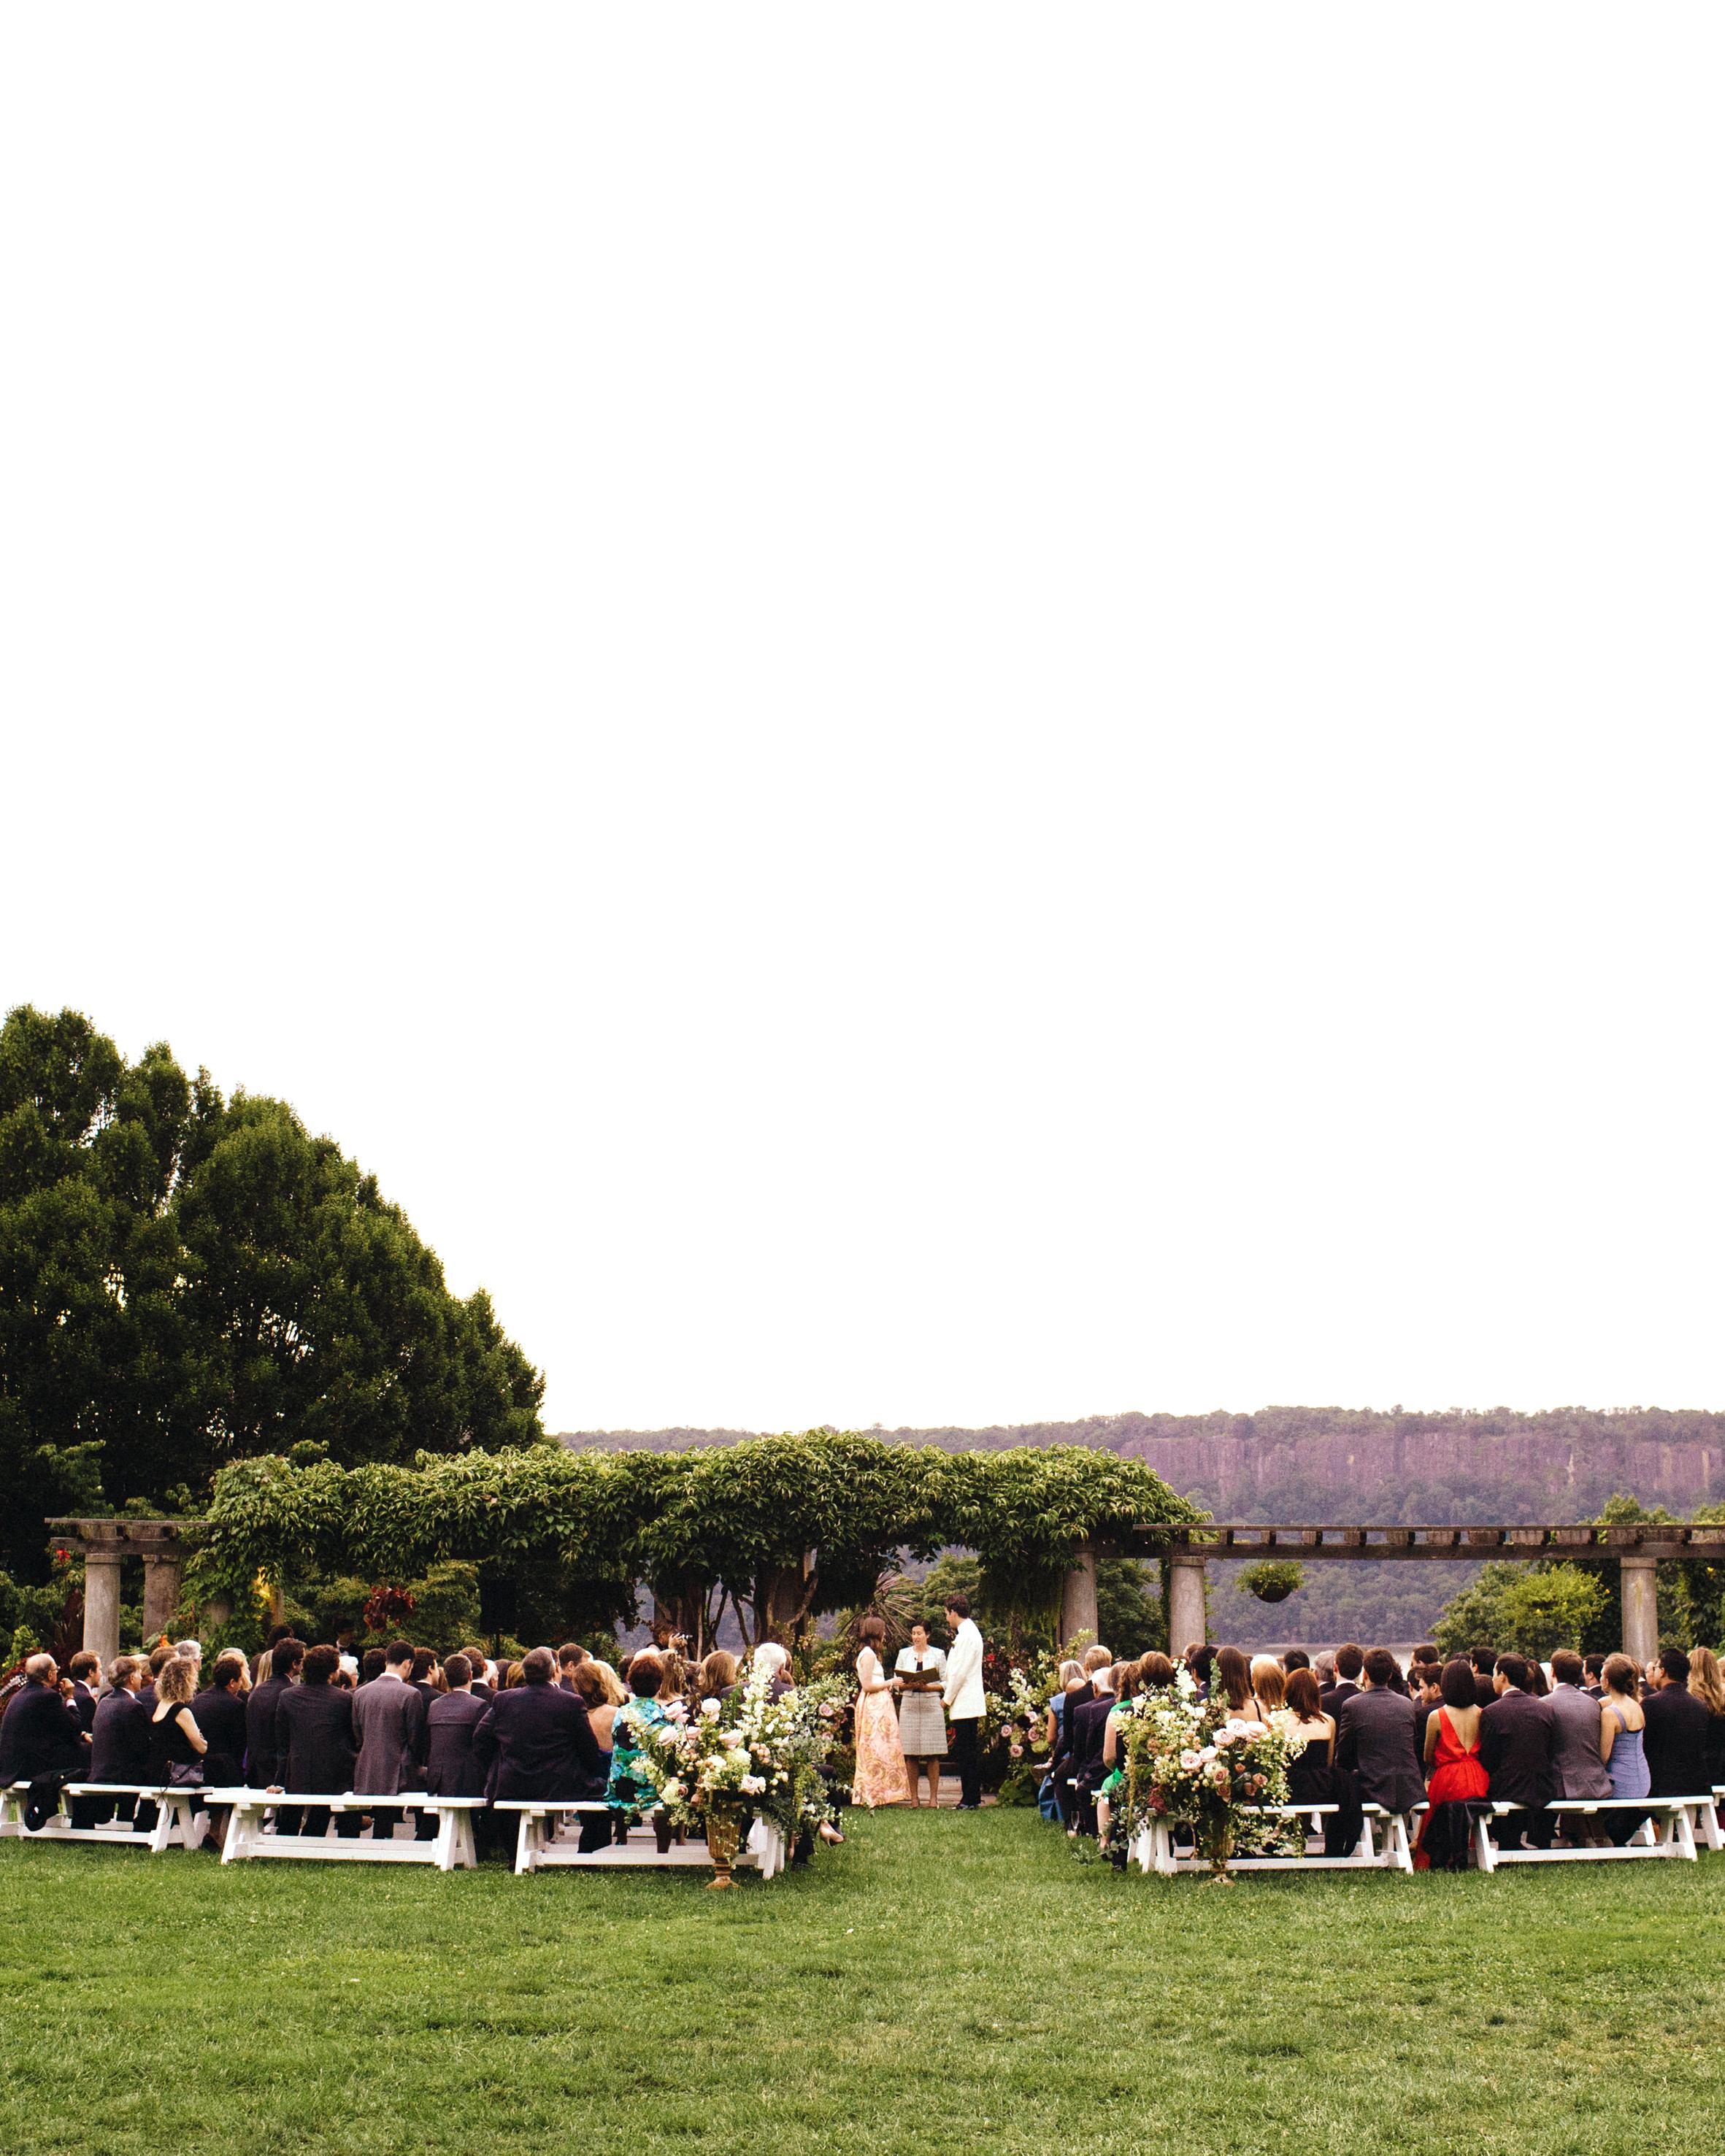 emily-marco-wedding-wedding-field-0414.jpg